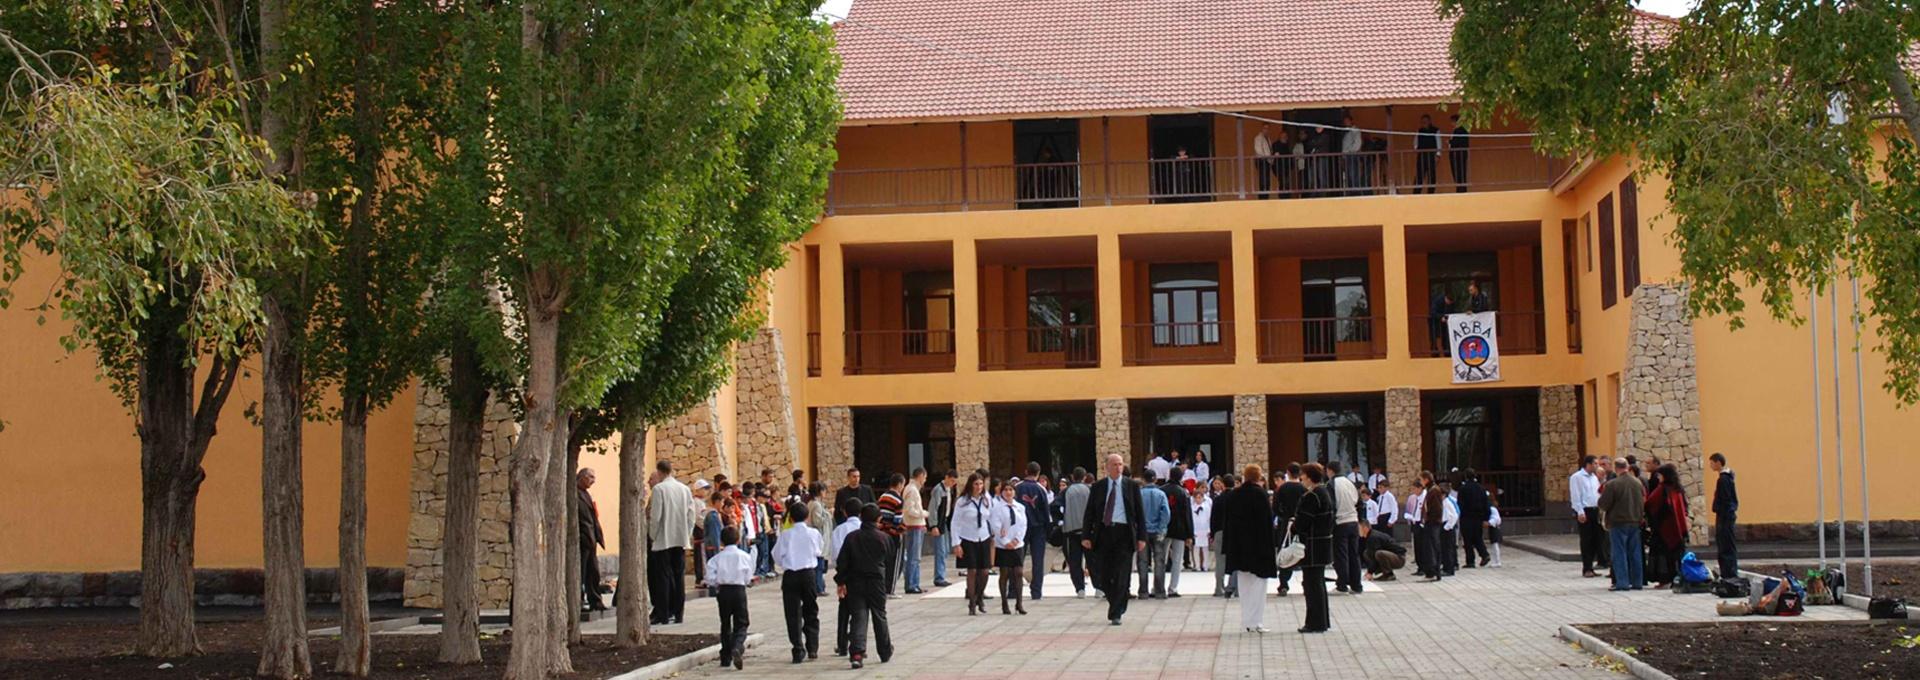 Tsaghkunk Open School